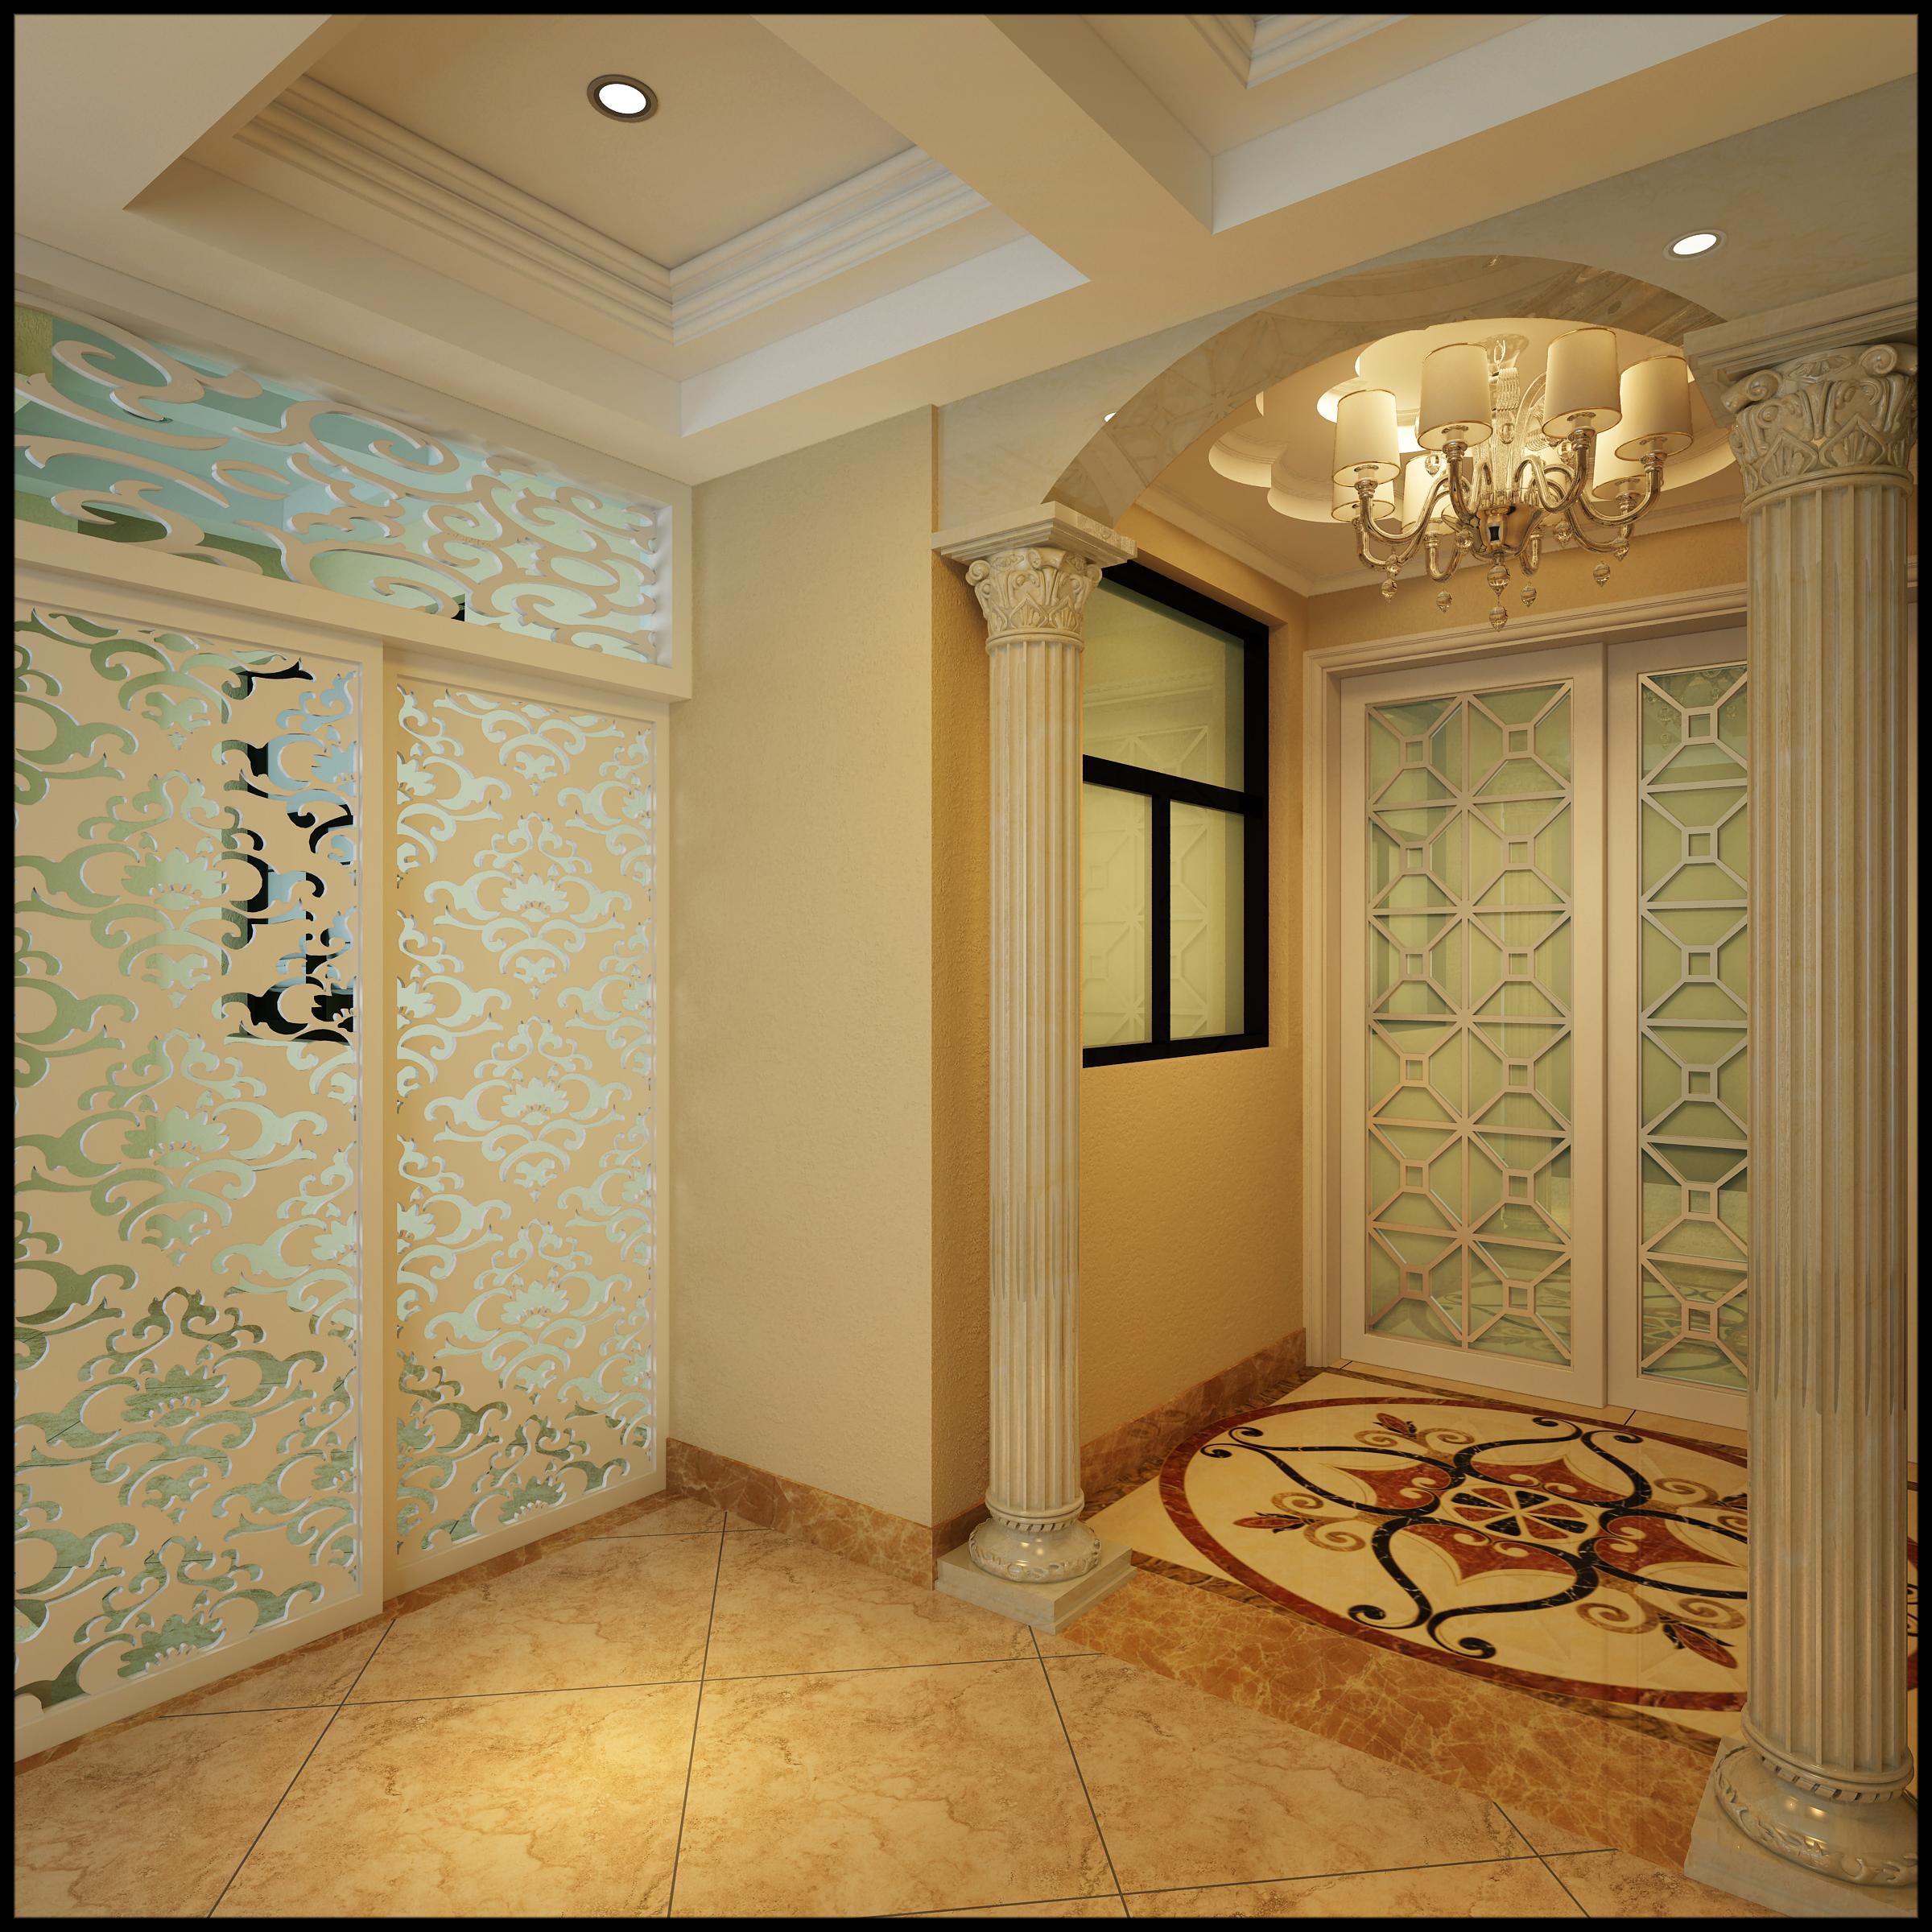 4居 欧式 150平米 庄士 装修 报价 家居 生活 整体家装 玄关图片来自曹丹在庄士映蝶蓝湾-欧式风格-150平米的分享